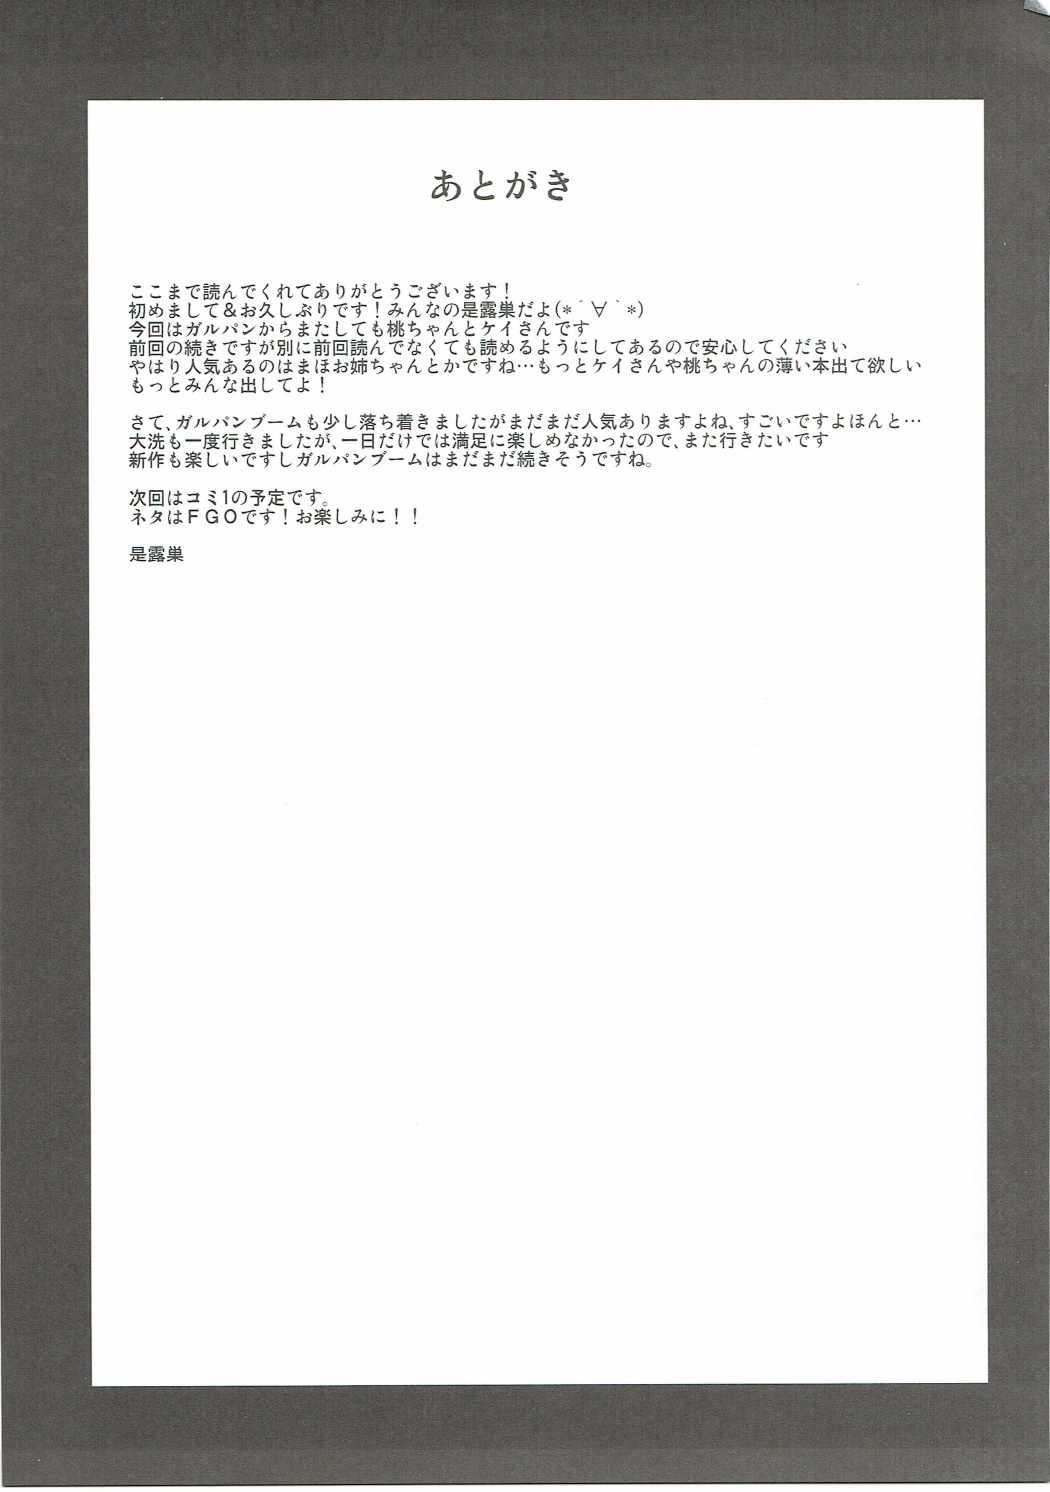 【ガルパン エロ漫画・エロ同人】ケイの弟ショタの筆おろしを頼まれた桃がケイと一緒に3Pしちゃってるよwww (26)